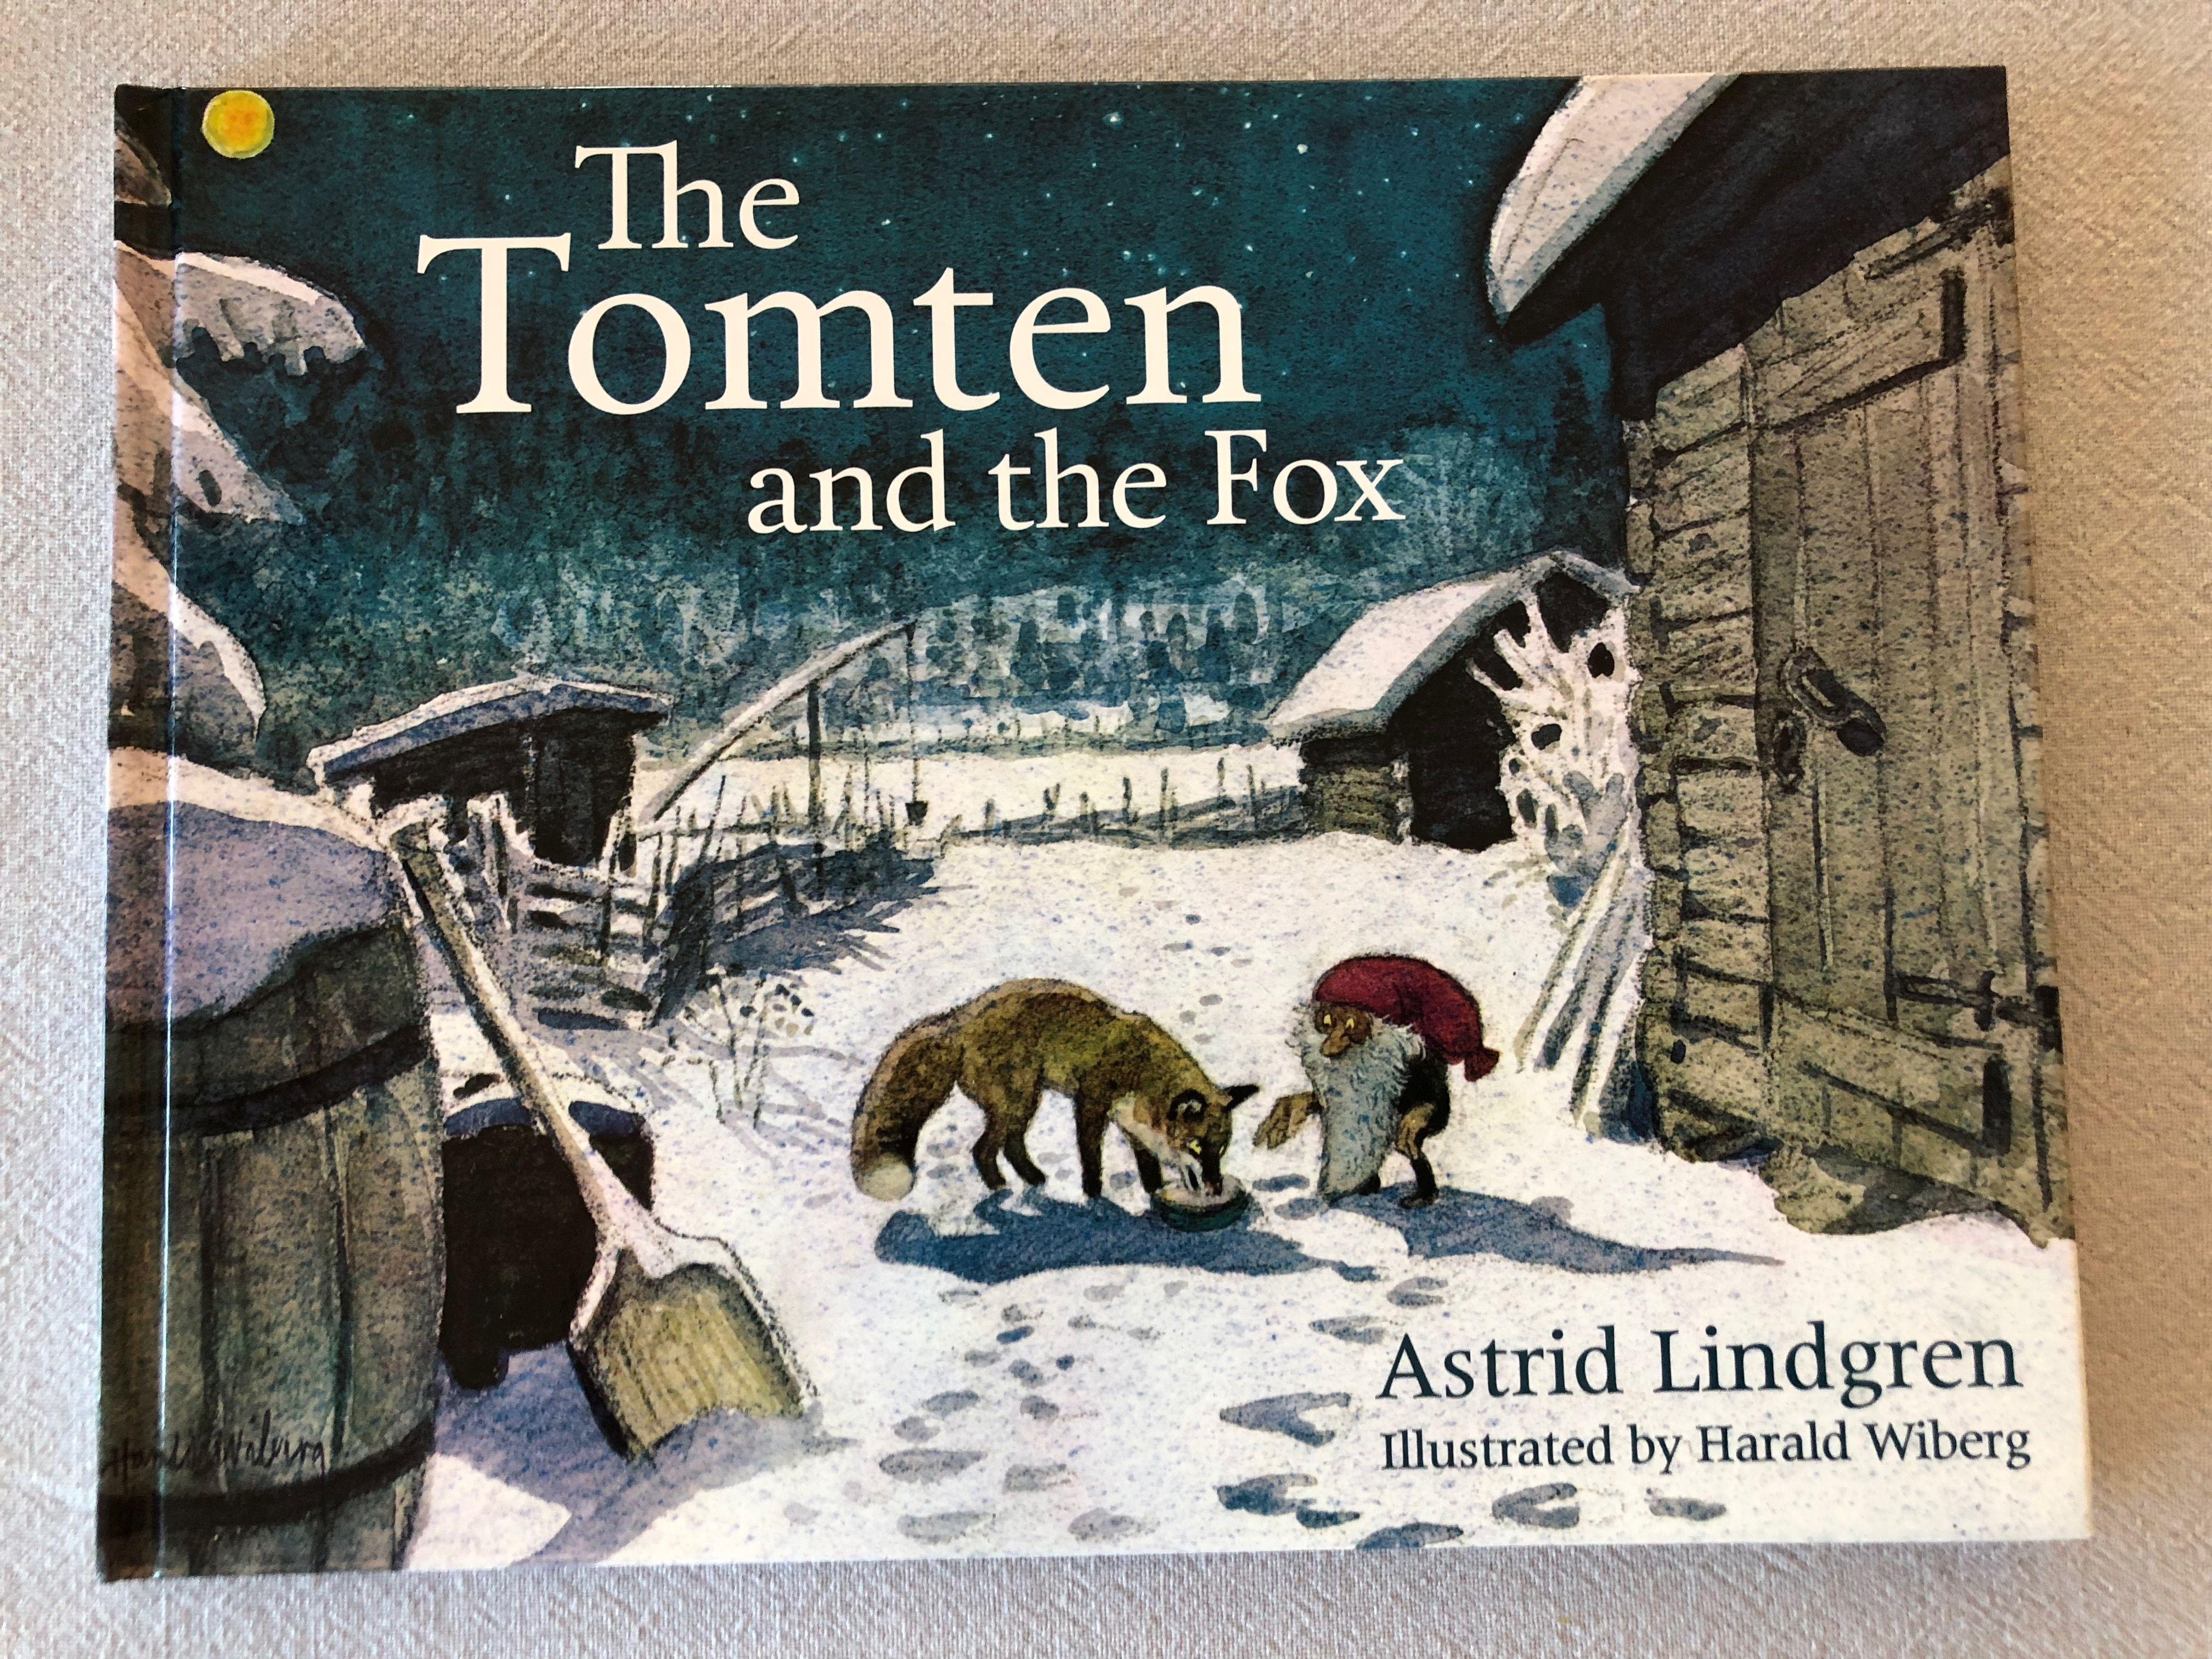 The Tomten And The Fox By Astrid Lindgren Julbocker Barnbocker Julbilder